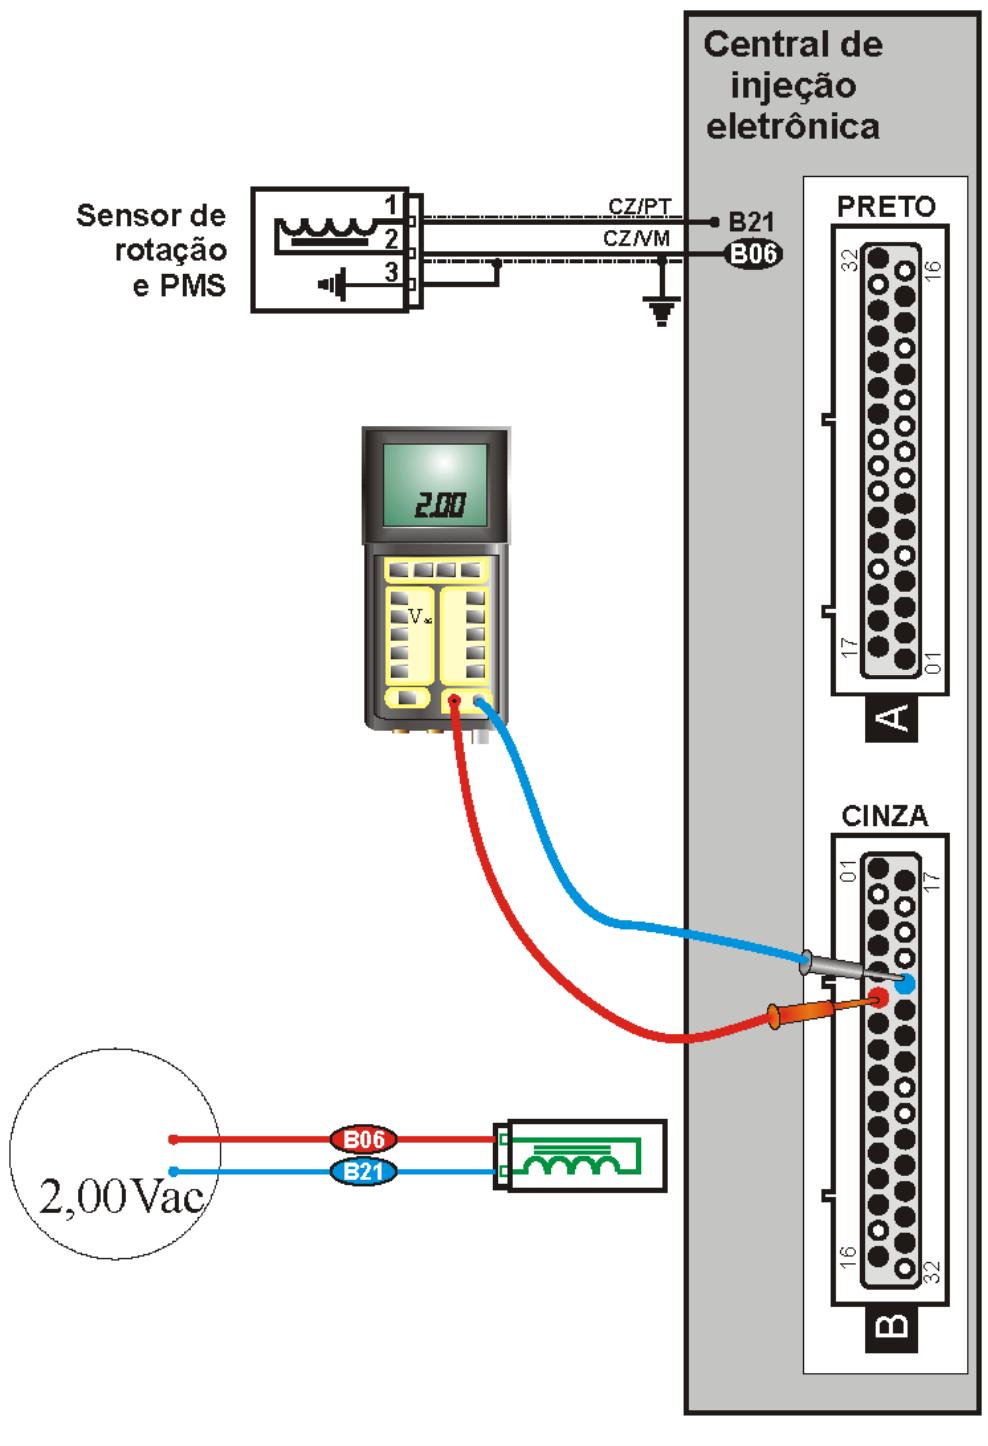 Identificando o sensor indutivo no esquema